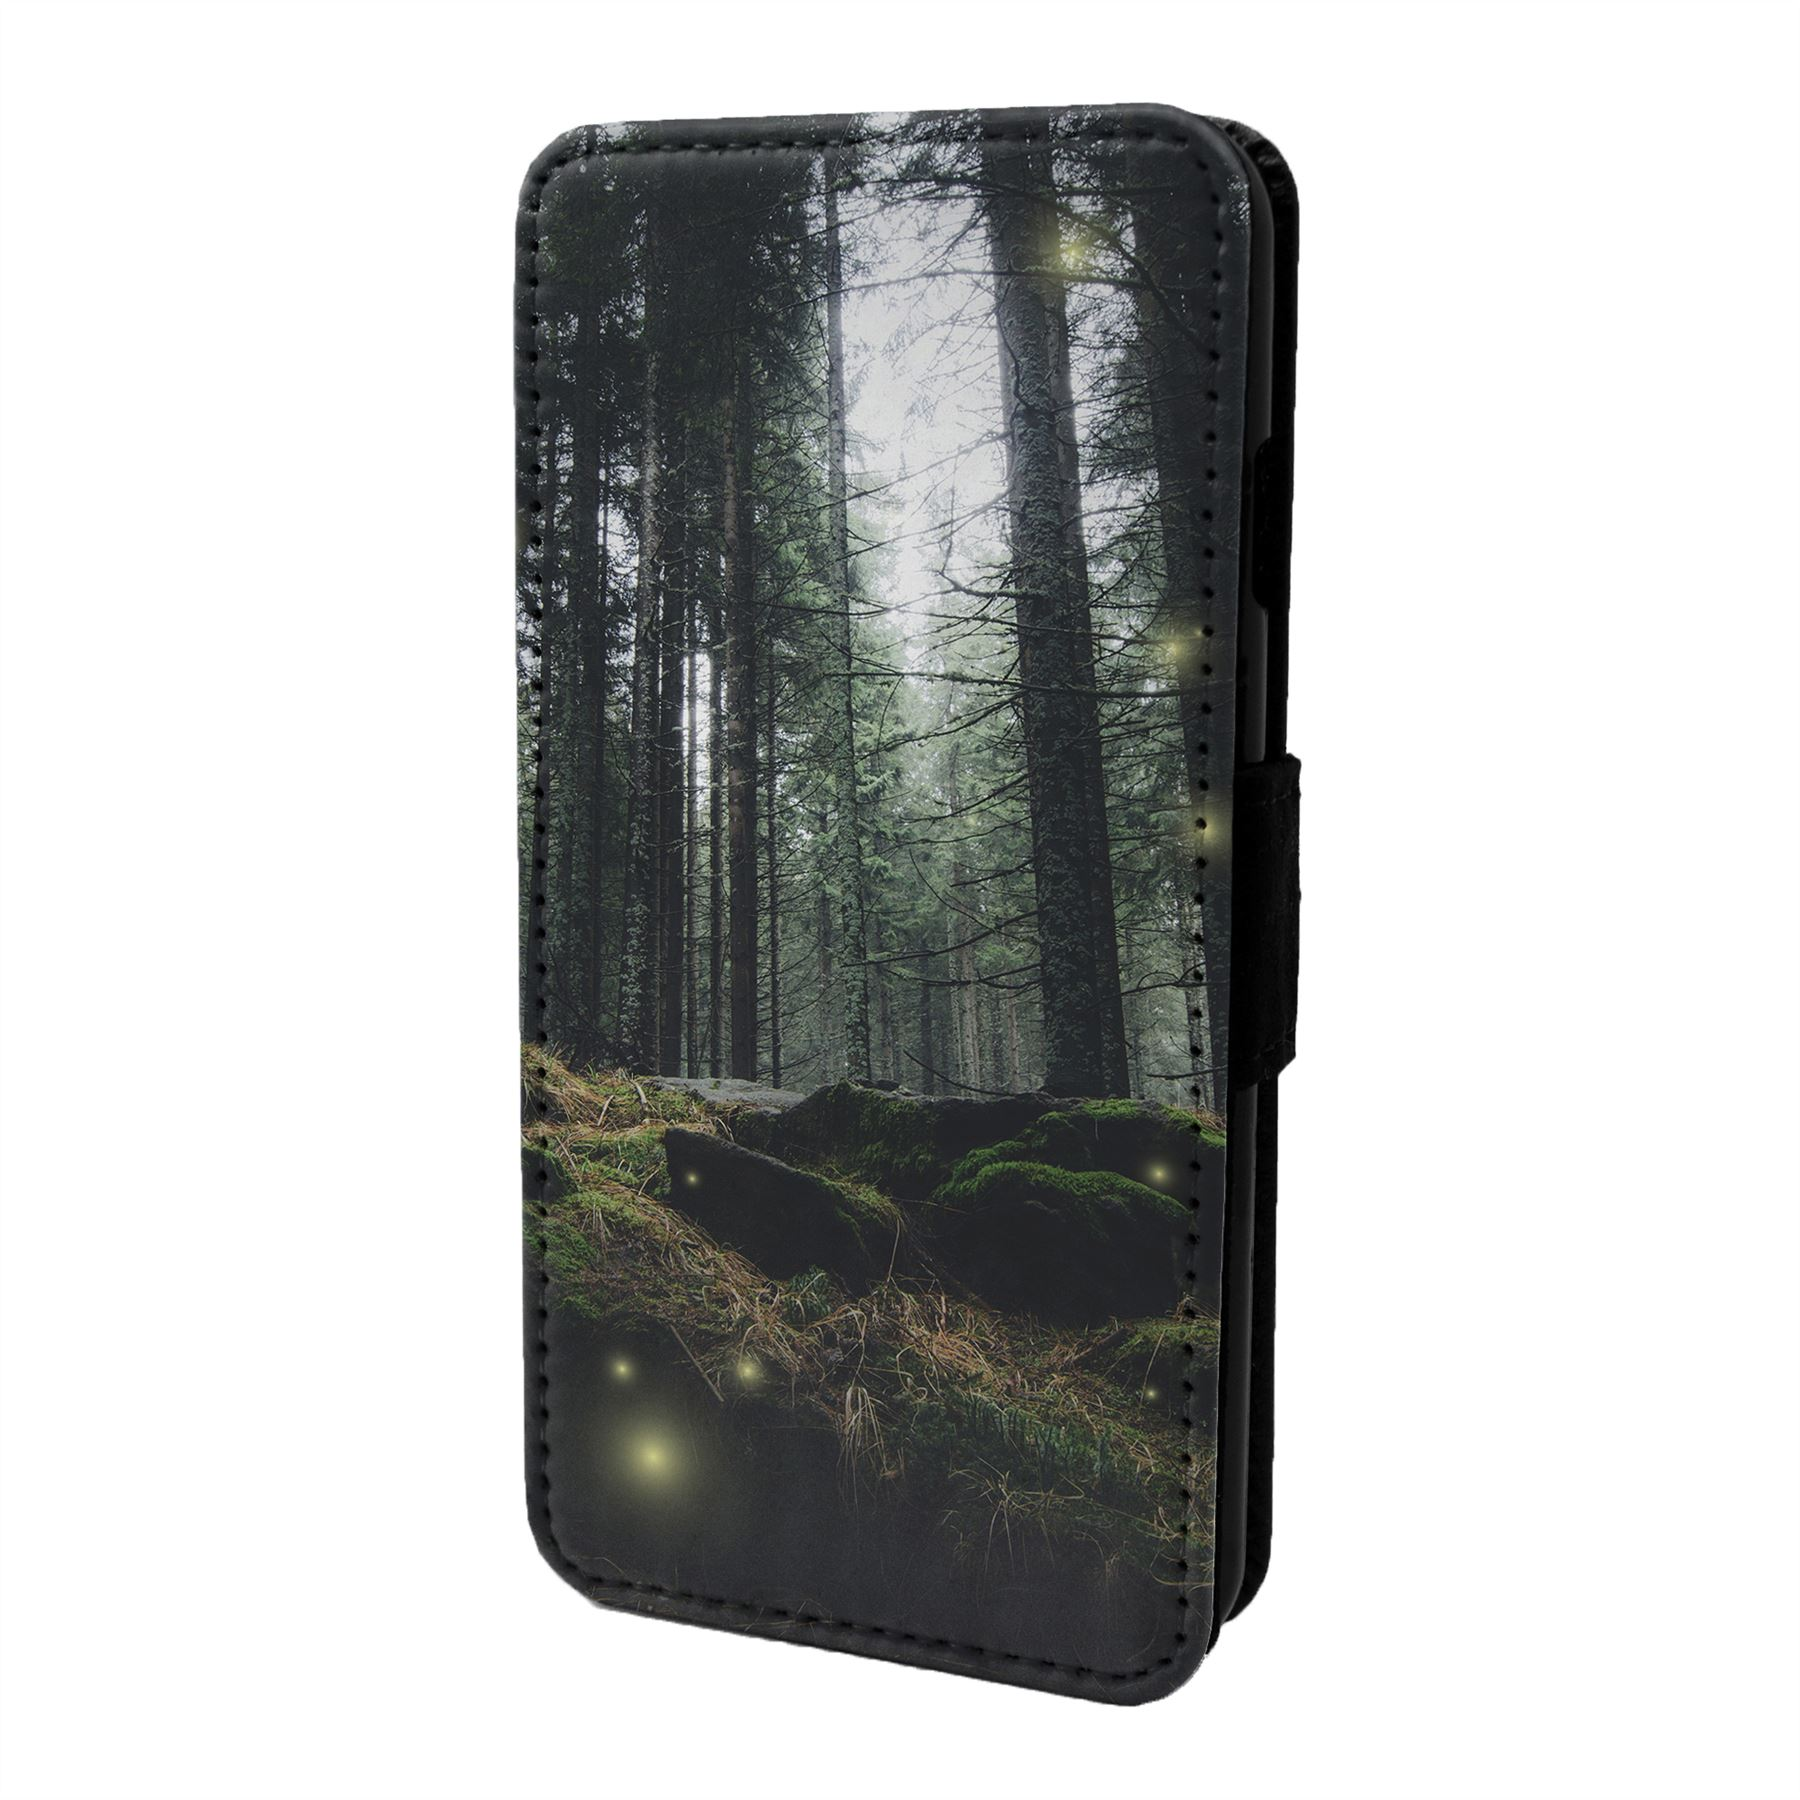 Magique-Paysage-Imprime-Etui-Rabattable-pour-Telephone-Portable-S6875